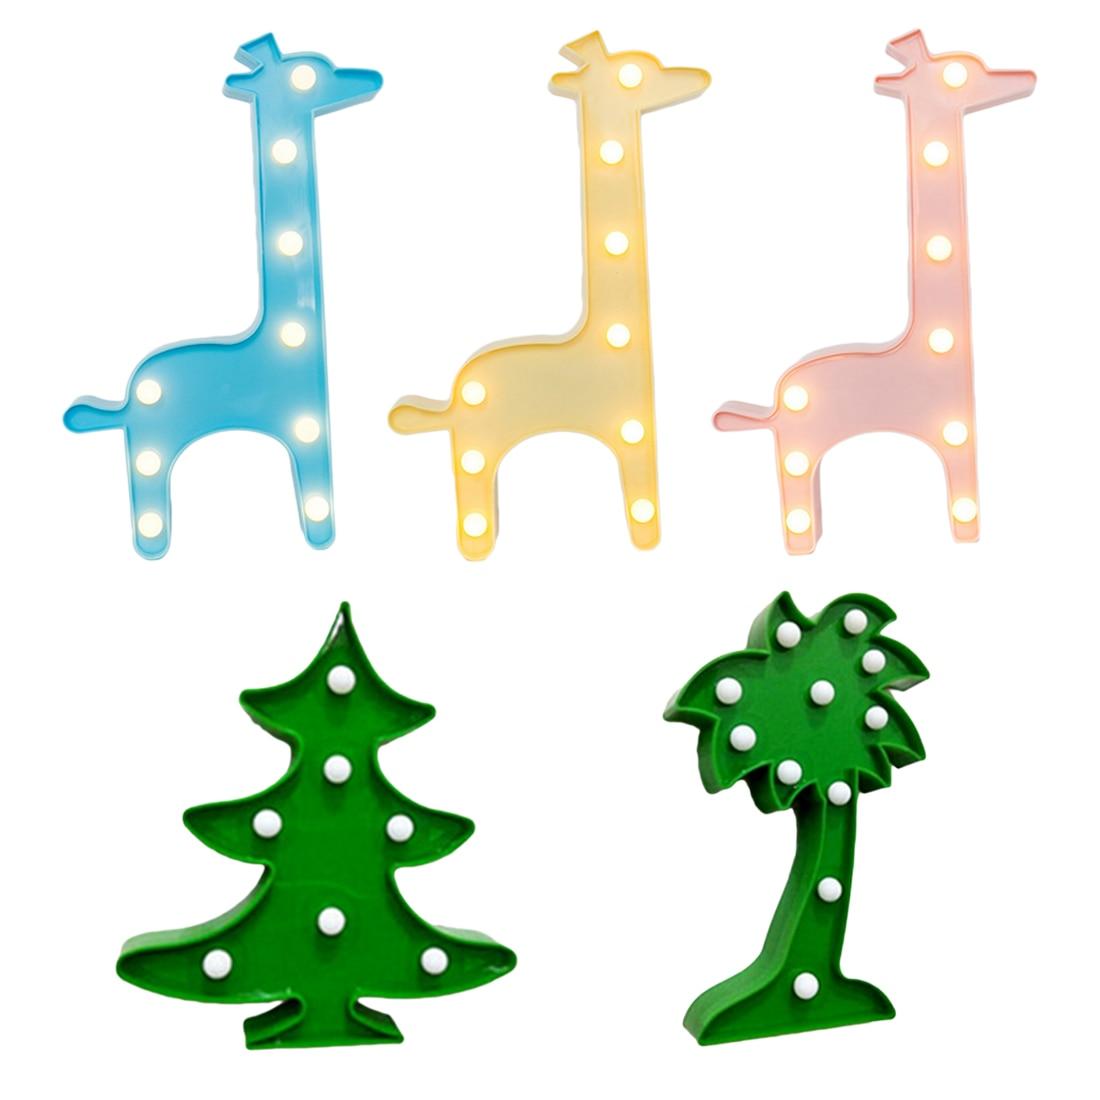 1 pc 3D LED Night Lights Girafe De Noël Arbre De Noix De Coco Arbre Veilleuse Bureau Lampe de Nuit Pour Bébé Enfants Chambre Décoration